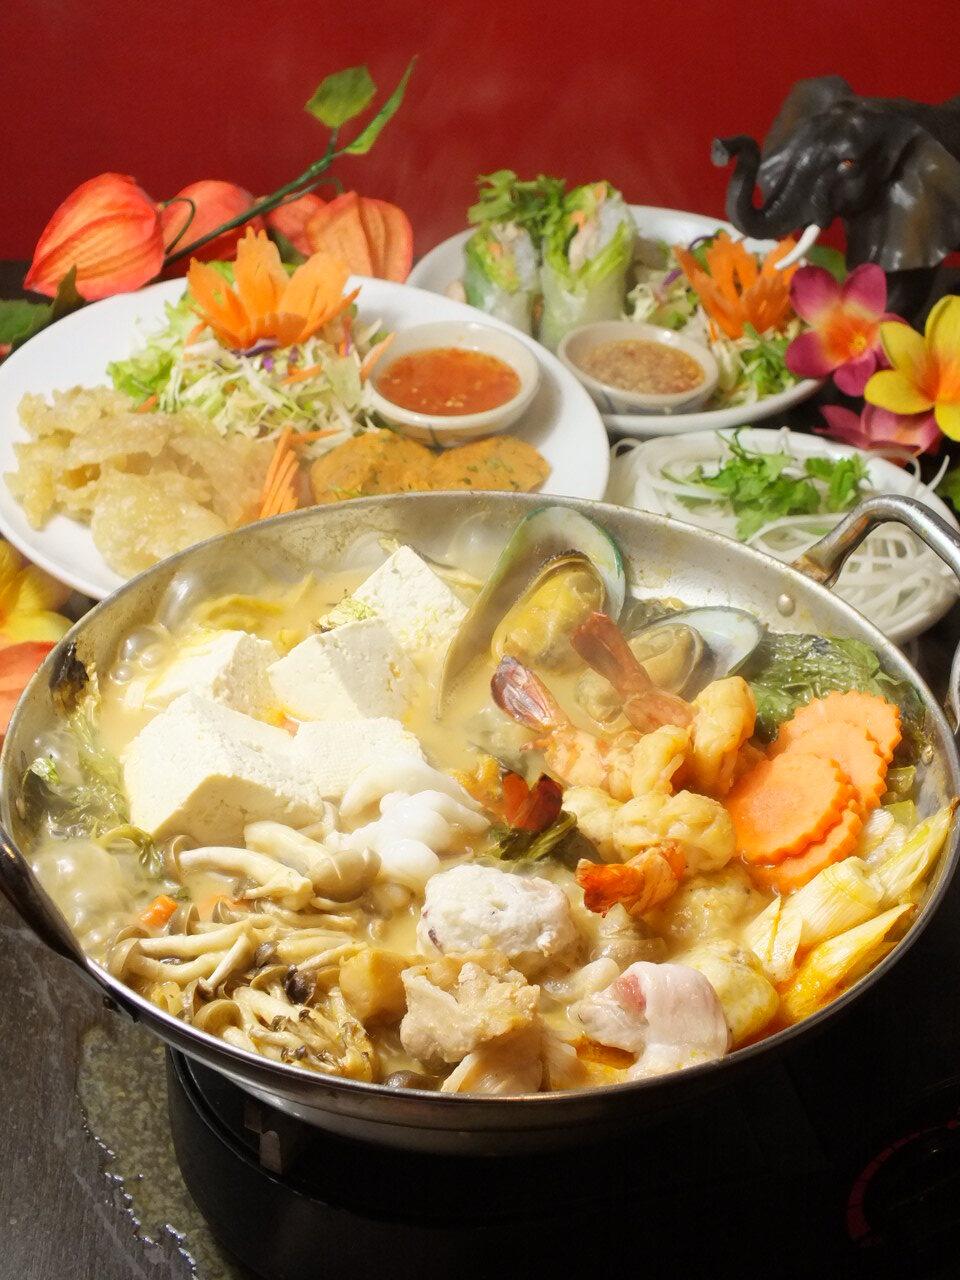 タイ風ハーブ牡蠣鍋コース (3,980 円)